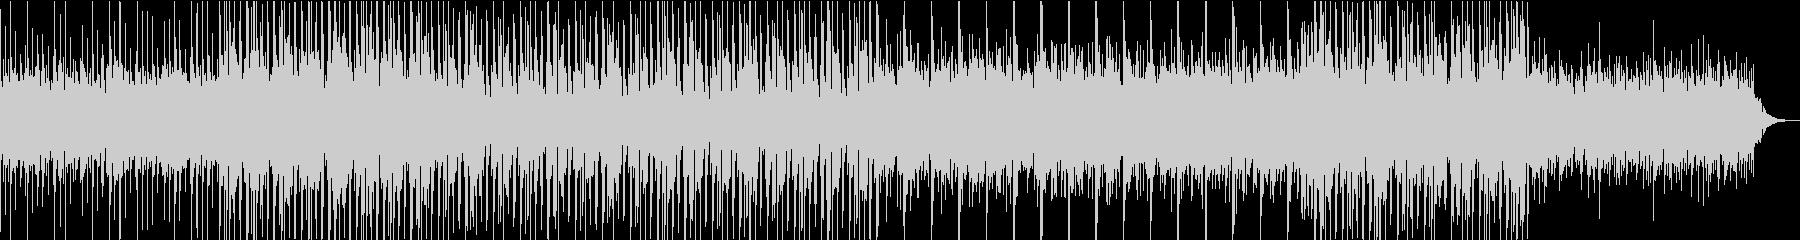 ゆったりとしたのエレクトロ(リミックス)の未再生の波形